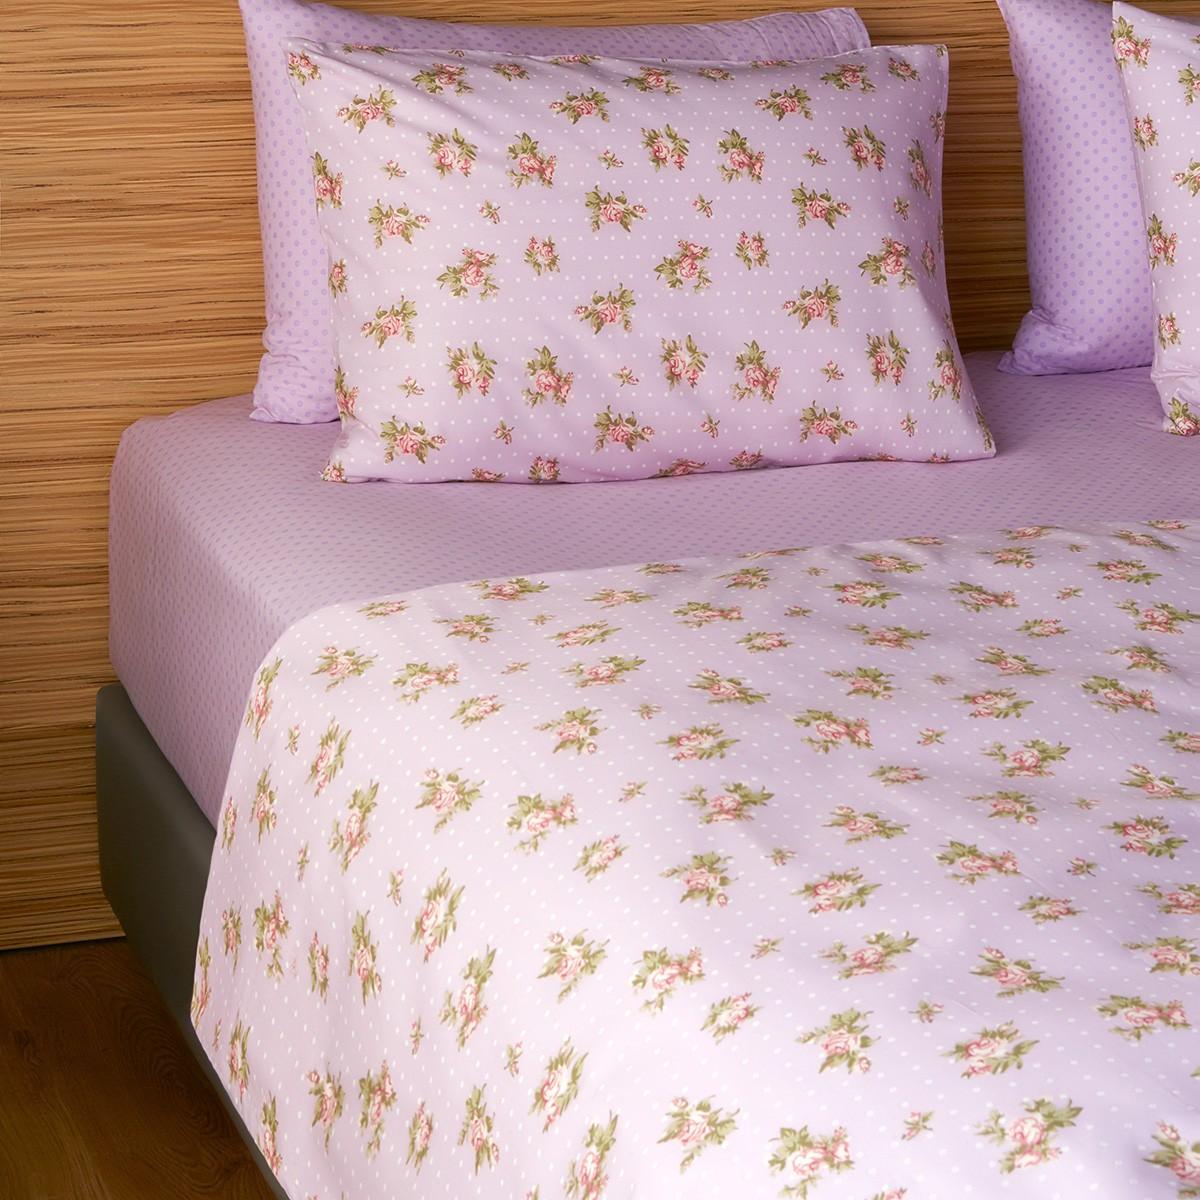 Σεντόνια Μονά (Σετ) Melinen 12749 Lilac